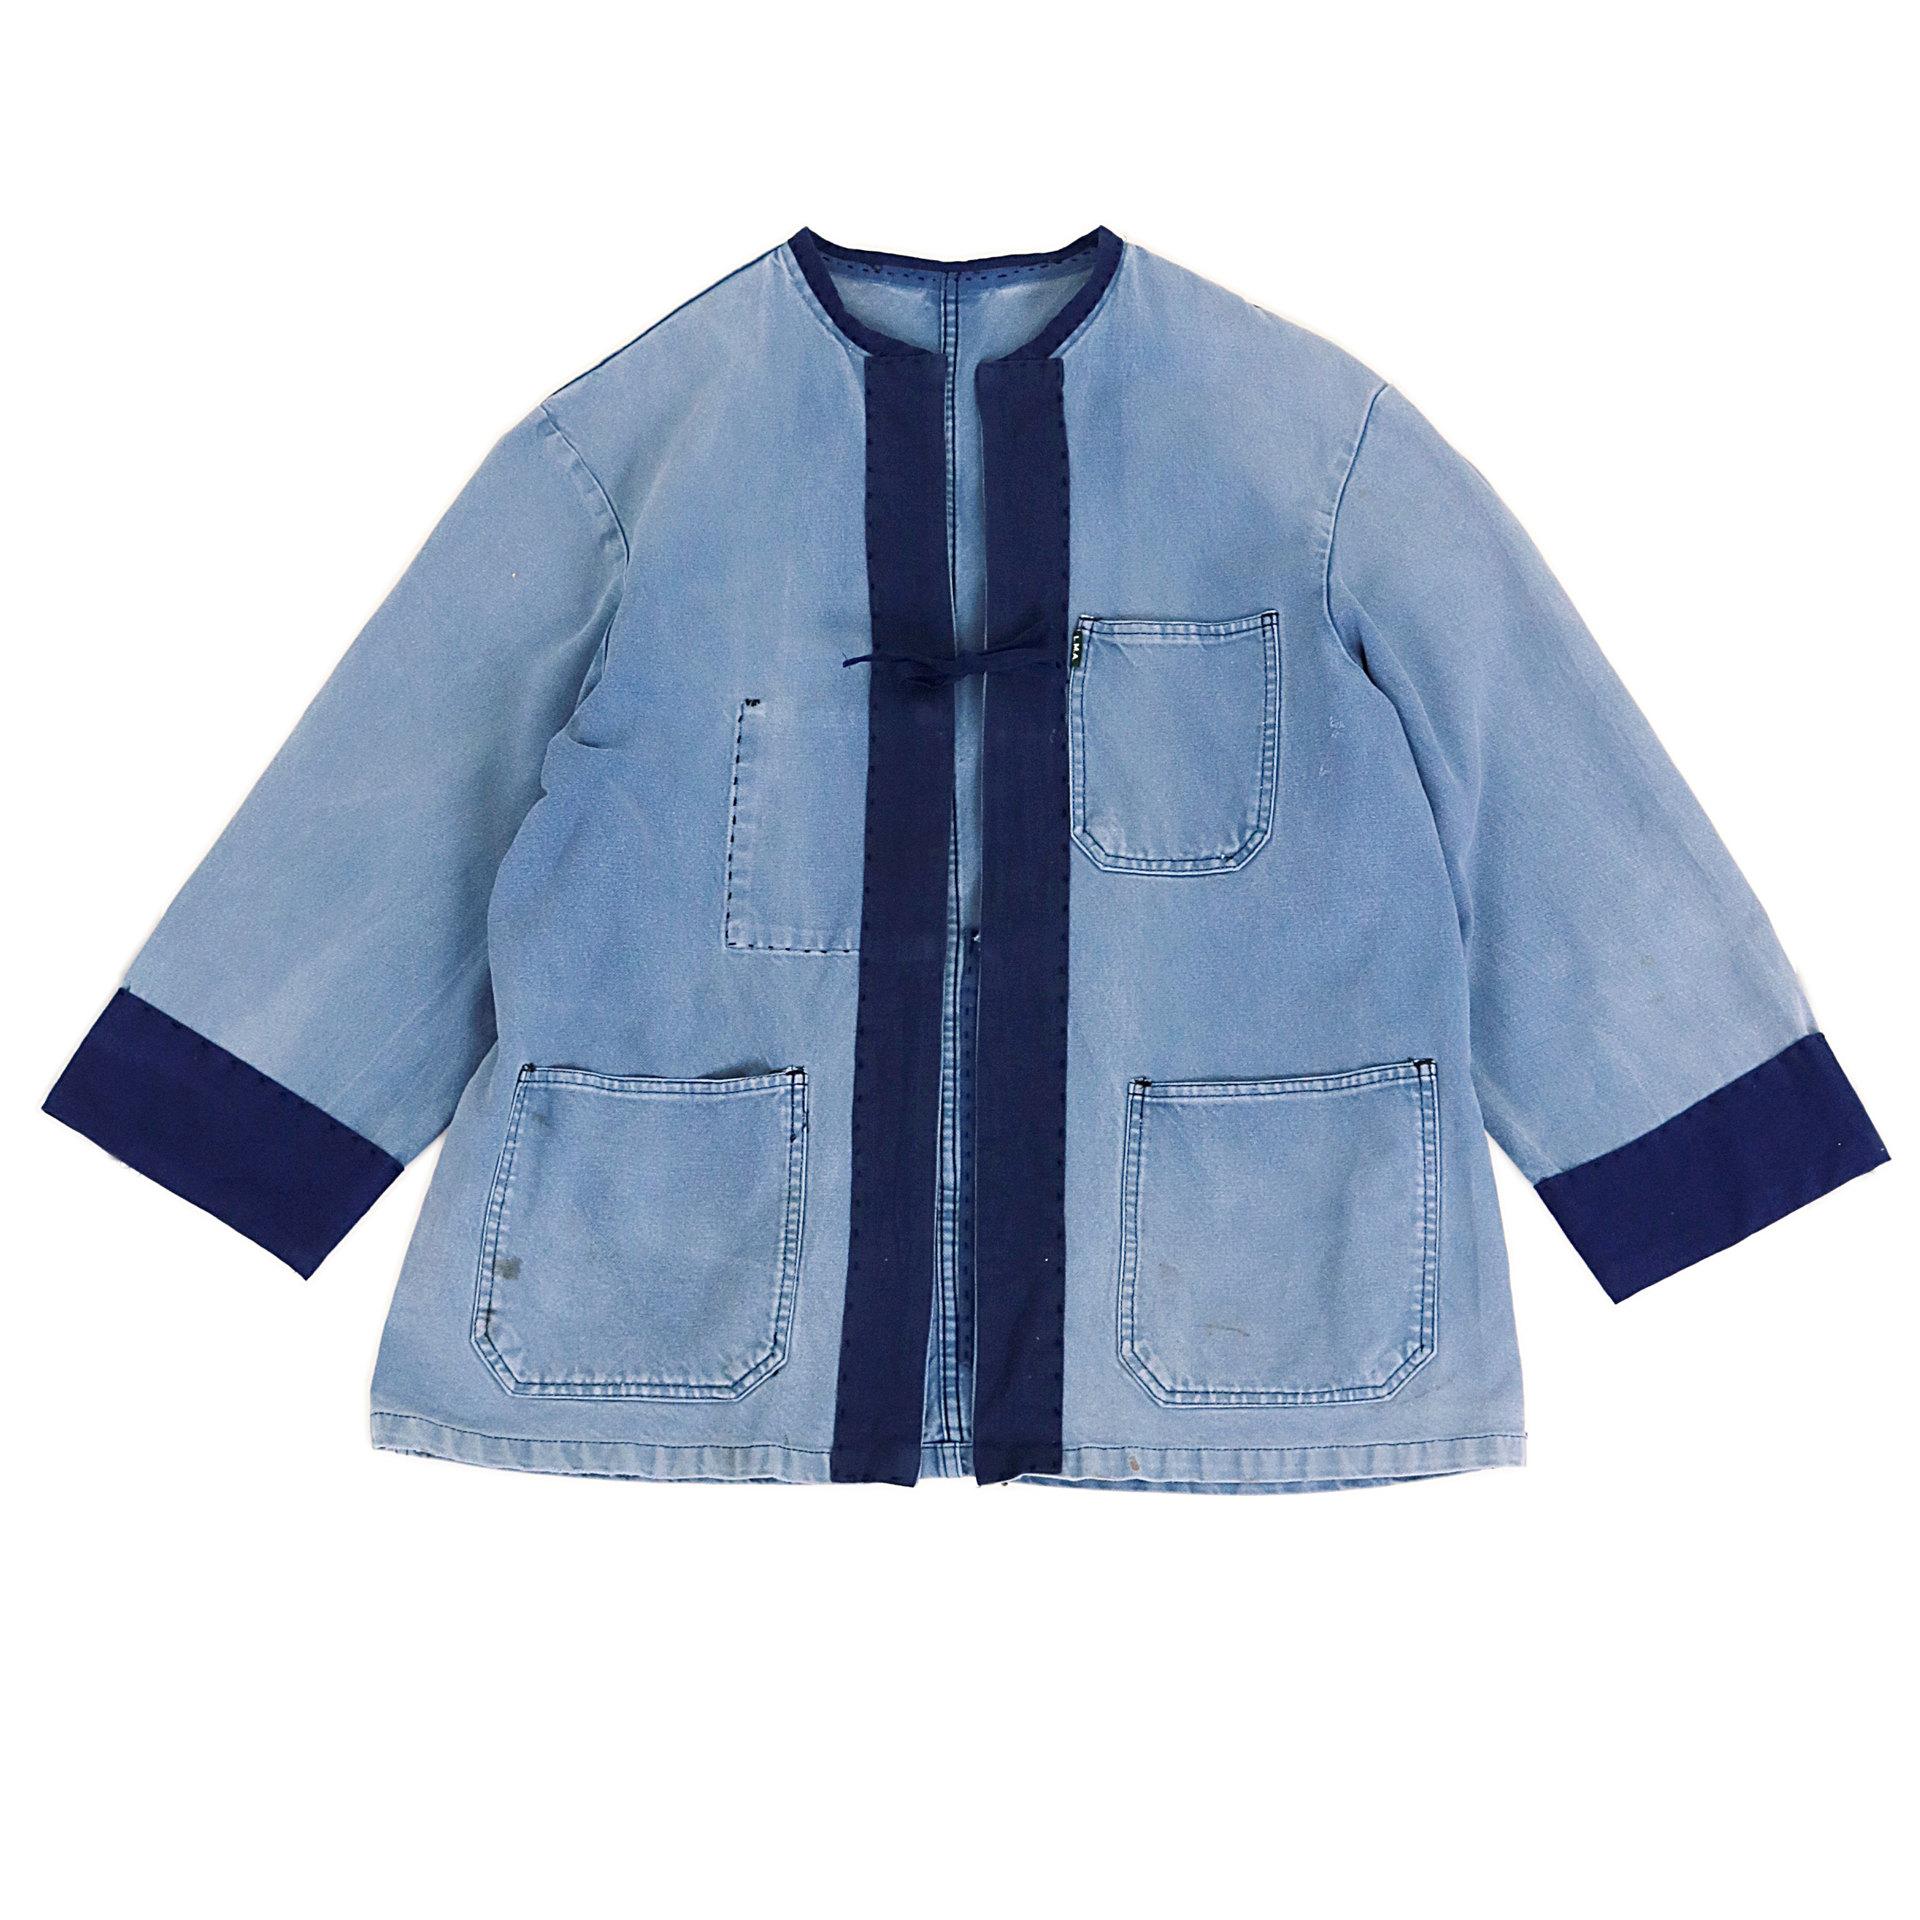 KIMONO work jacket